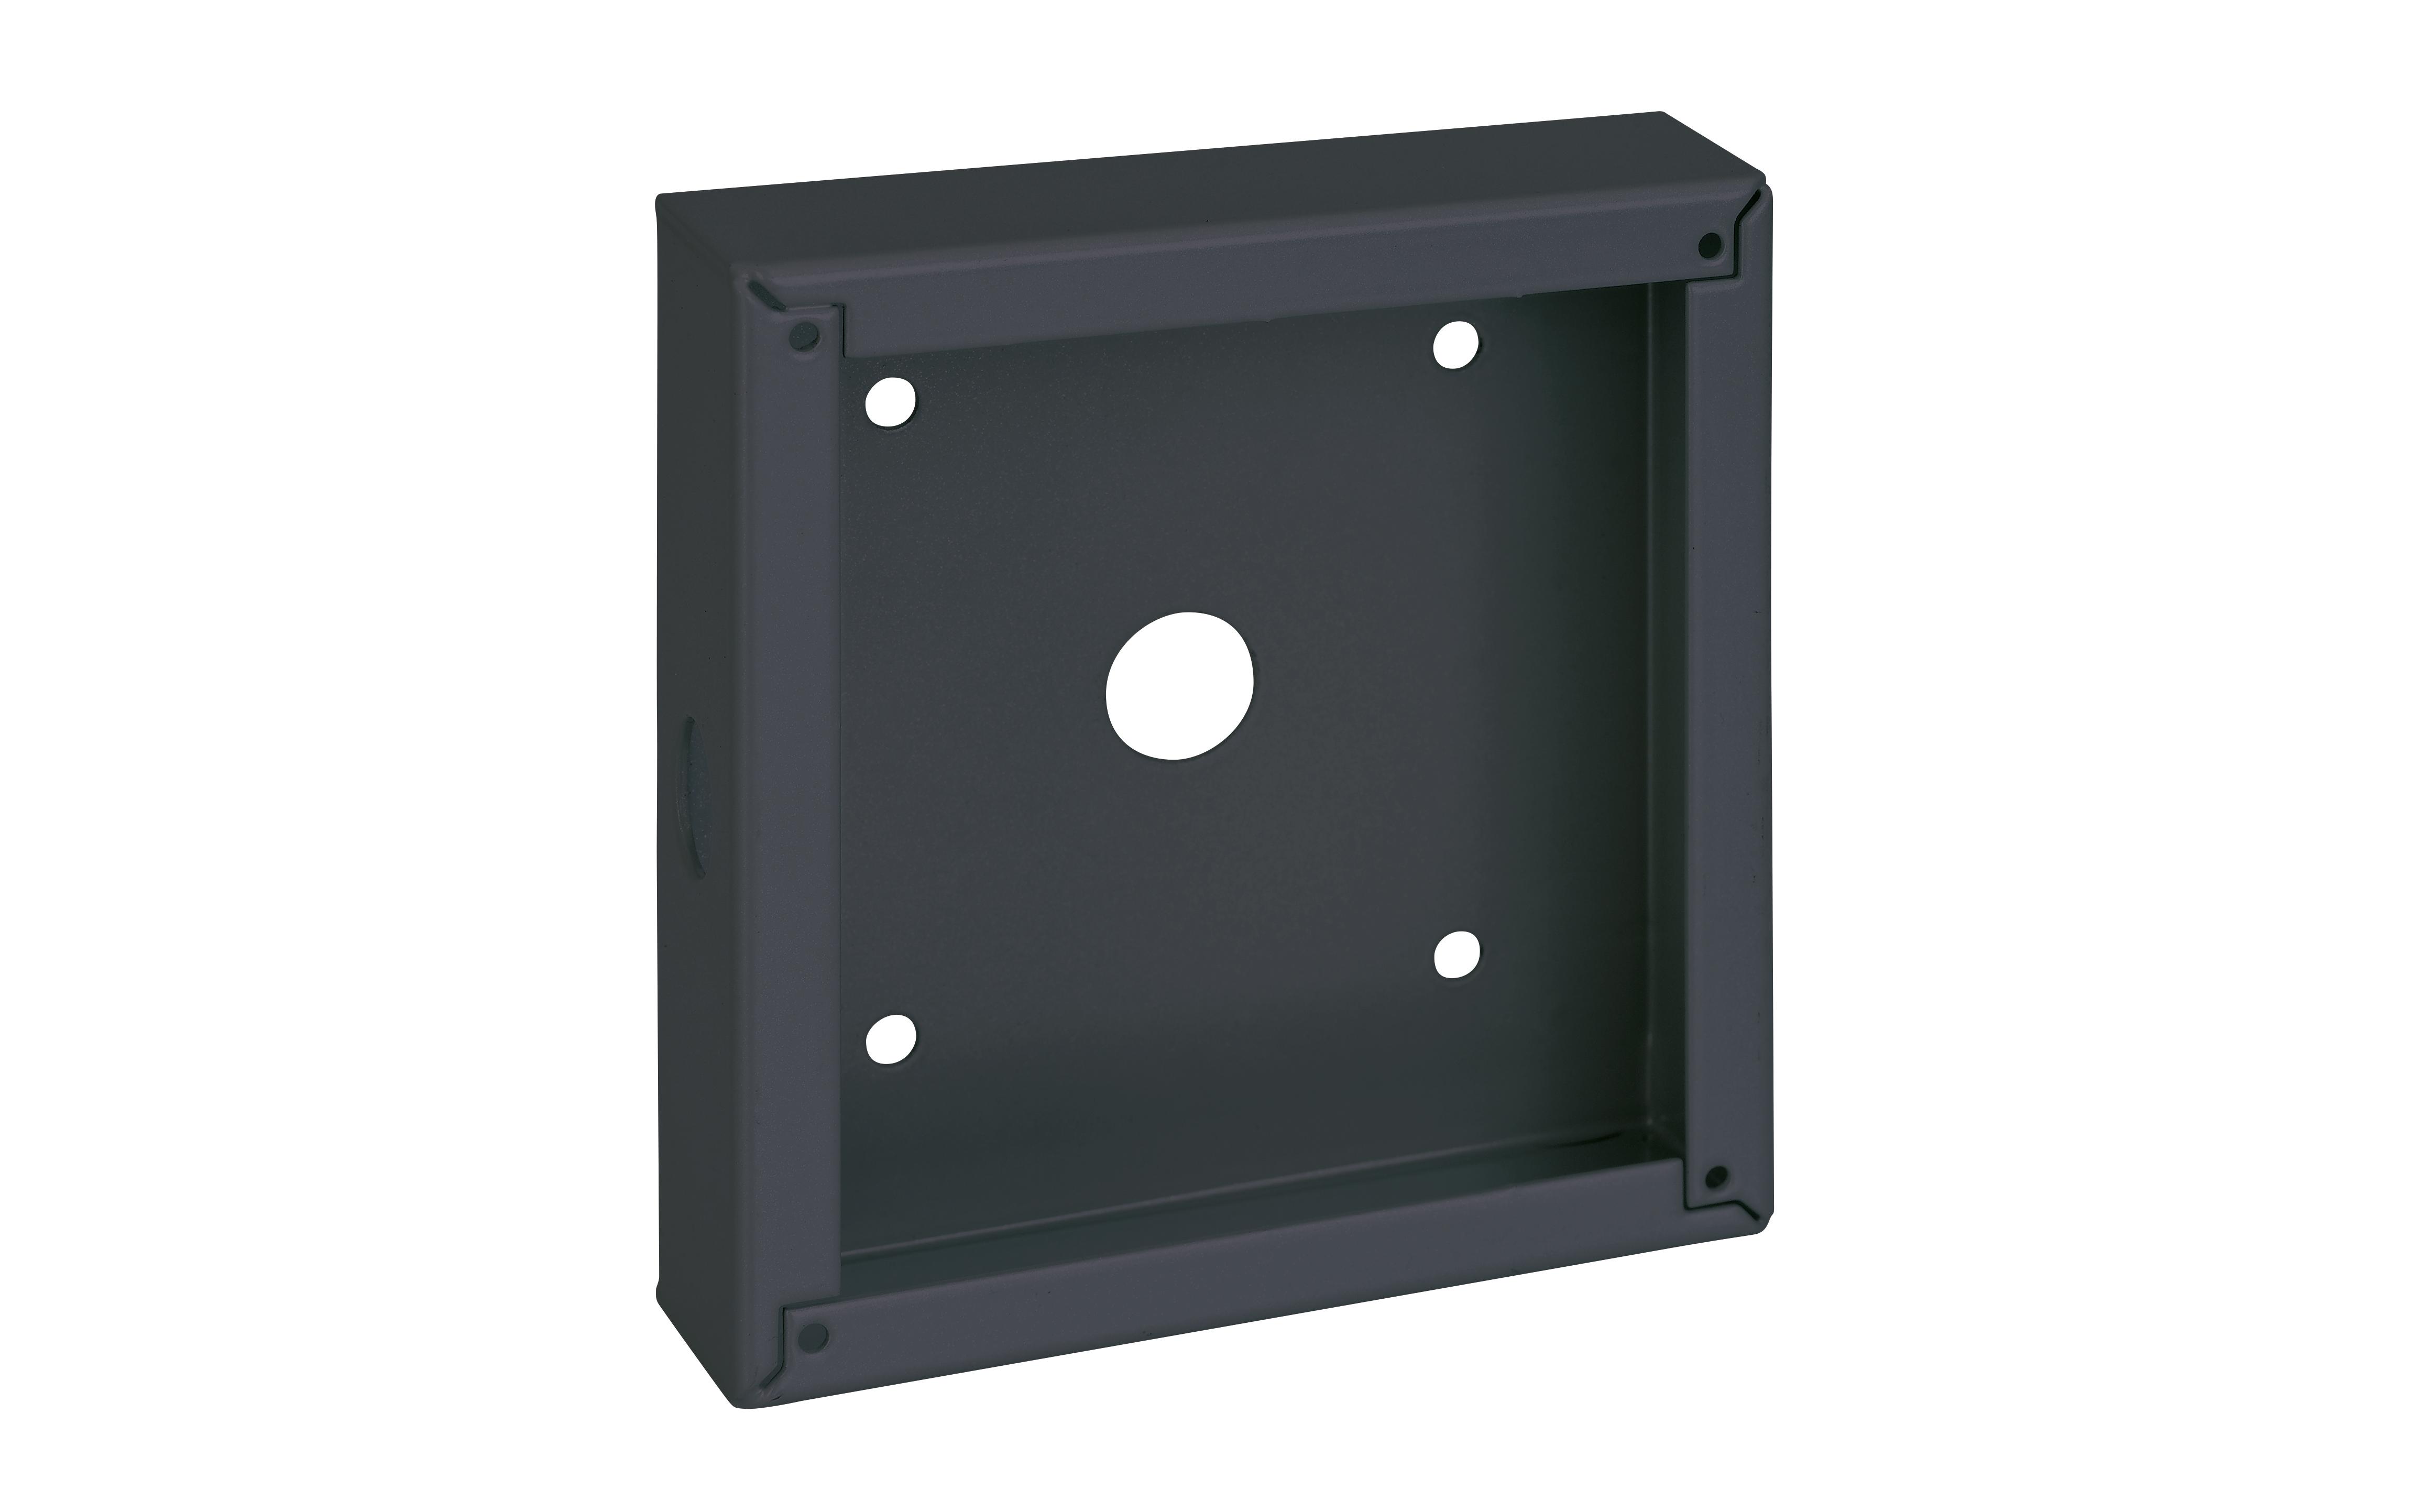 Büttner Aufbaugehäuse  für Solarfernanzeige | 04260397963067